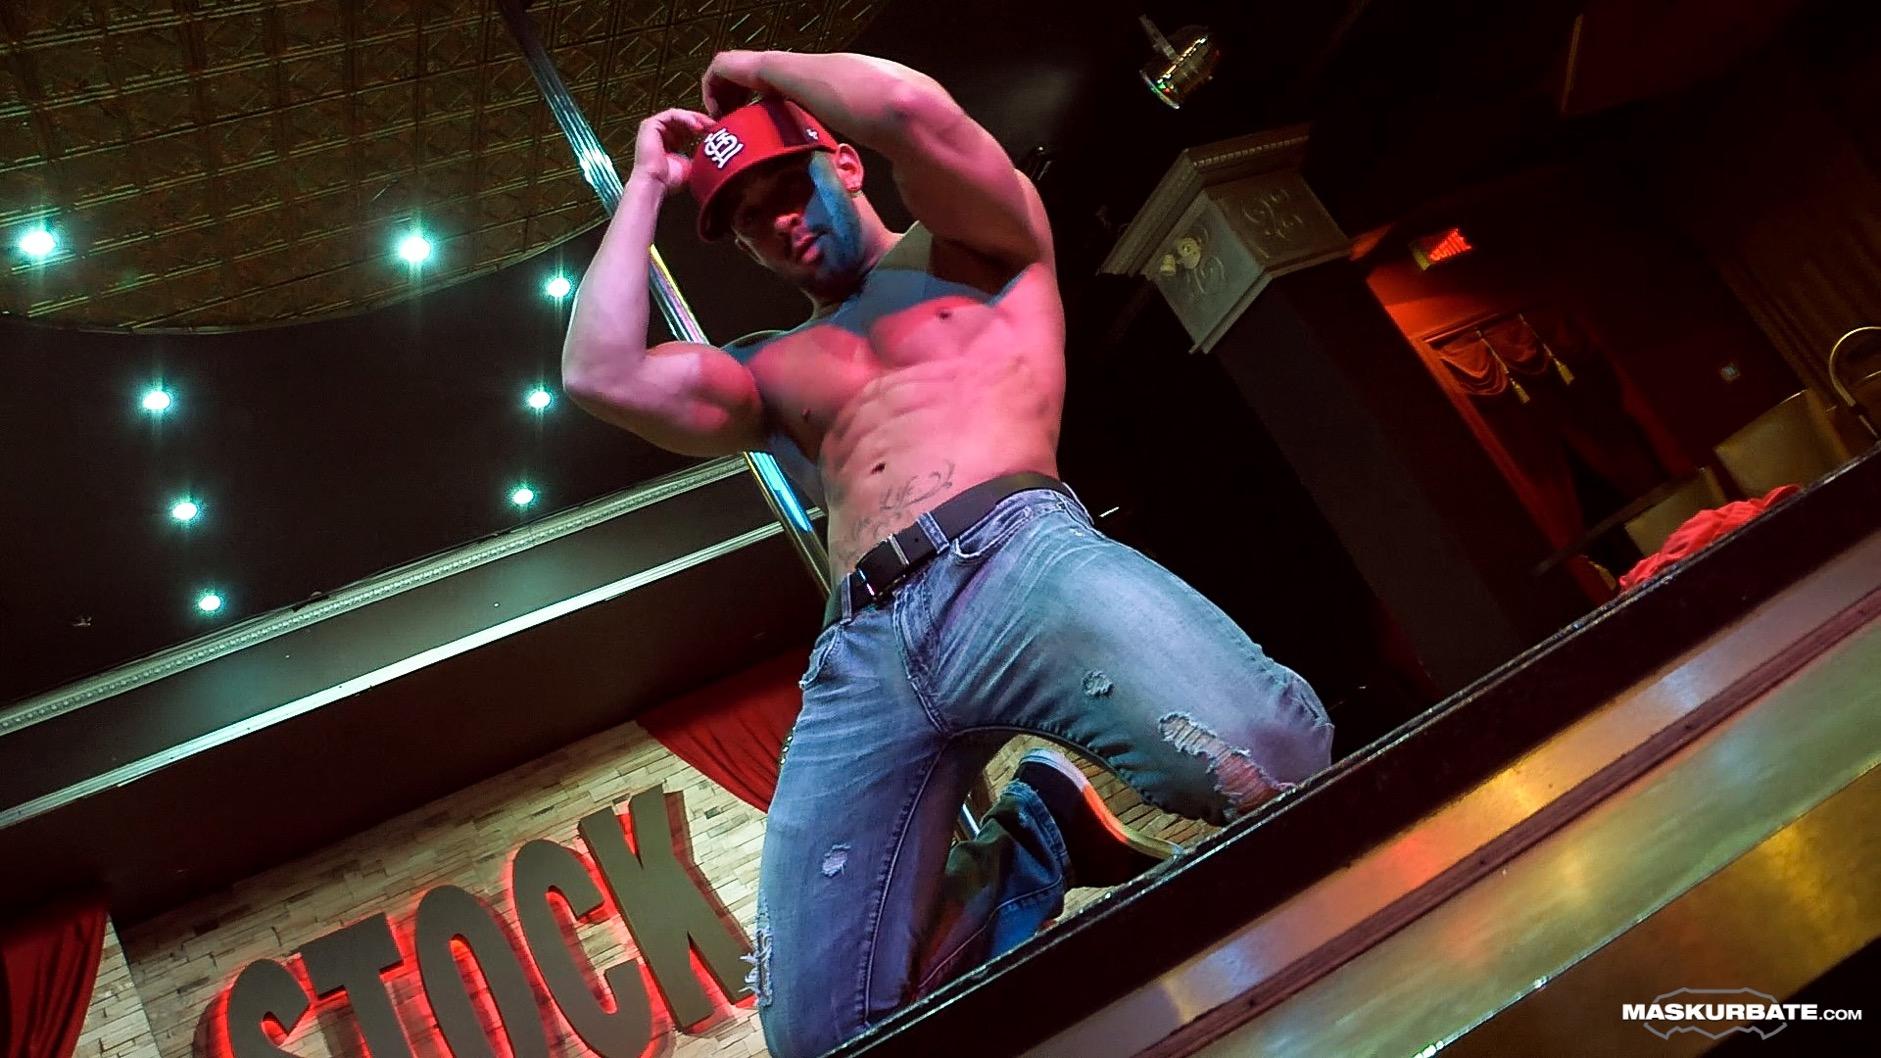 Gay Porn Model Zack Lemec